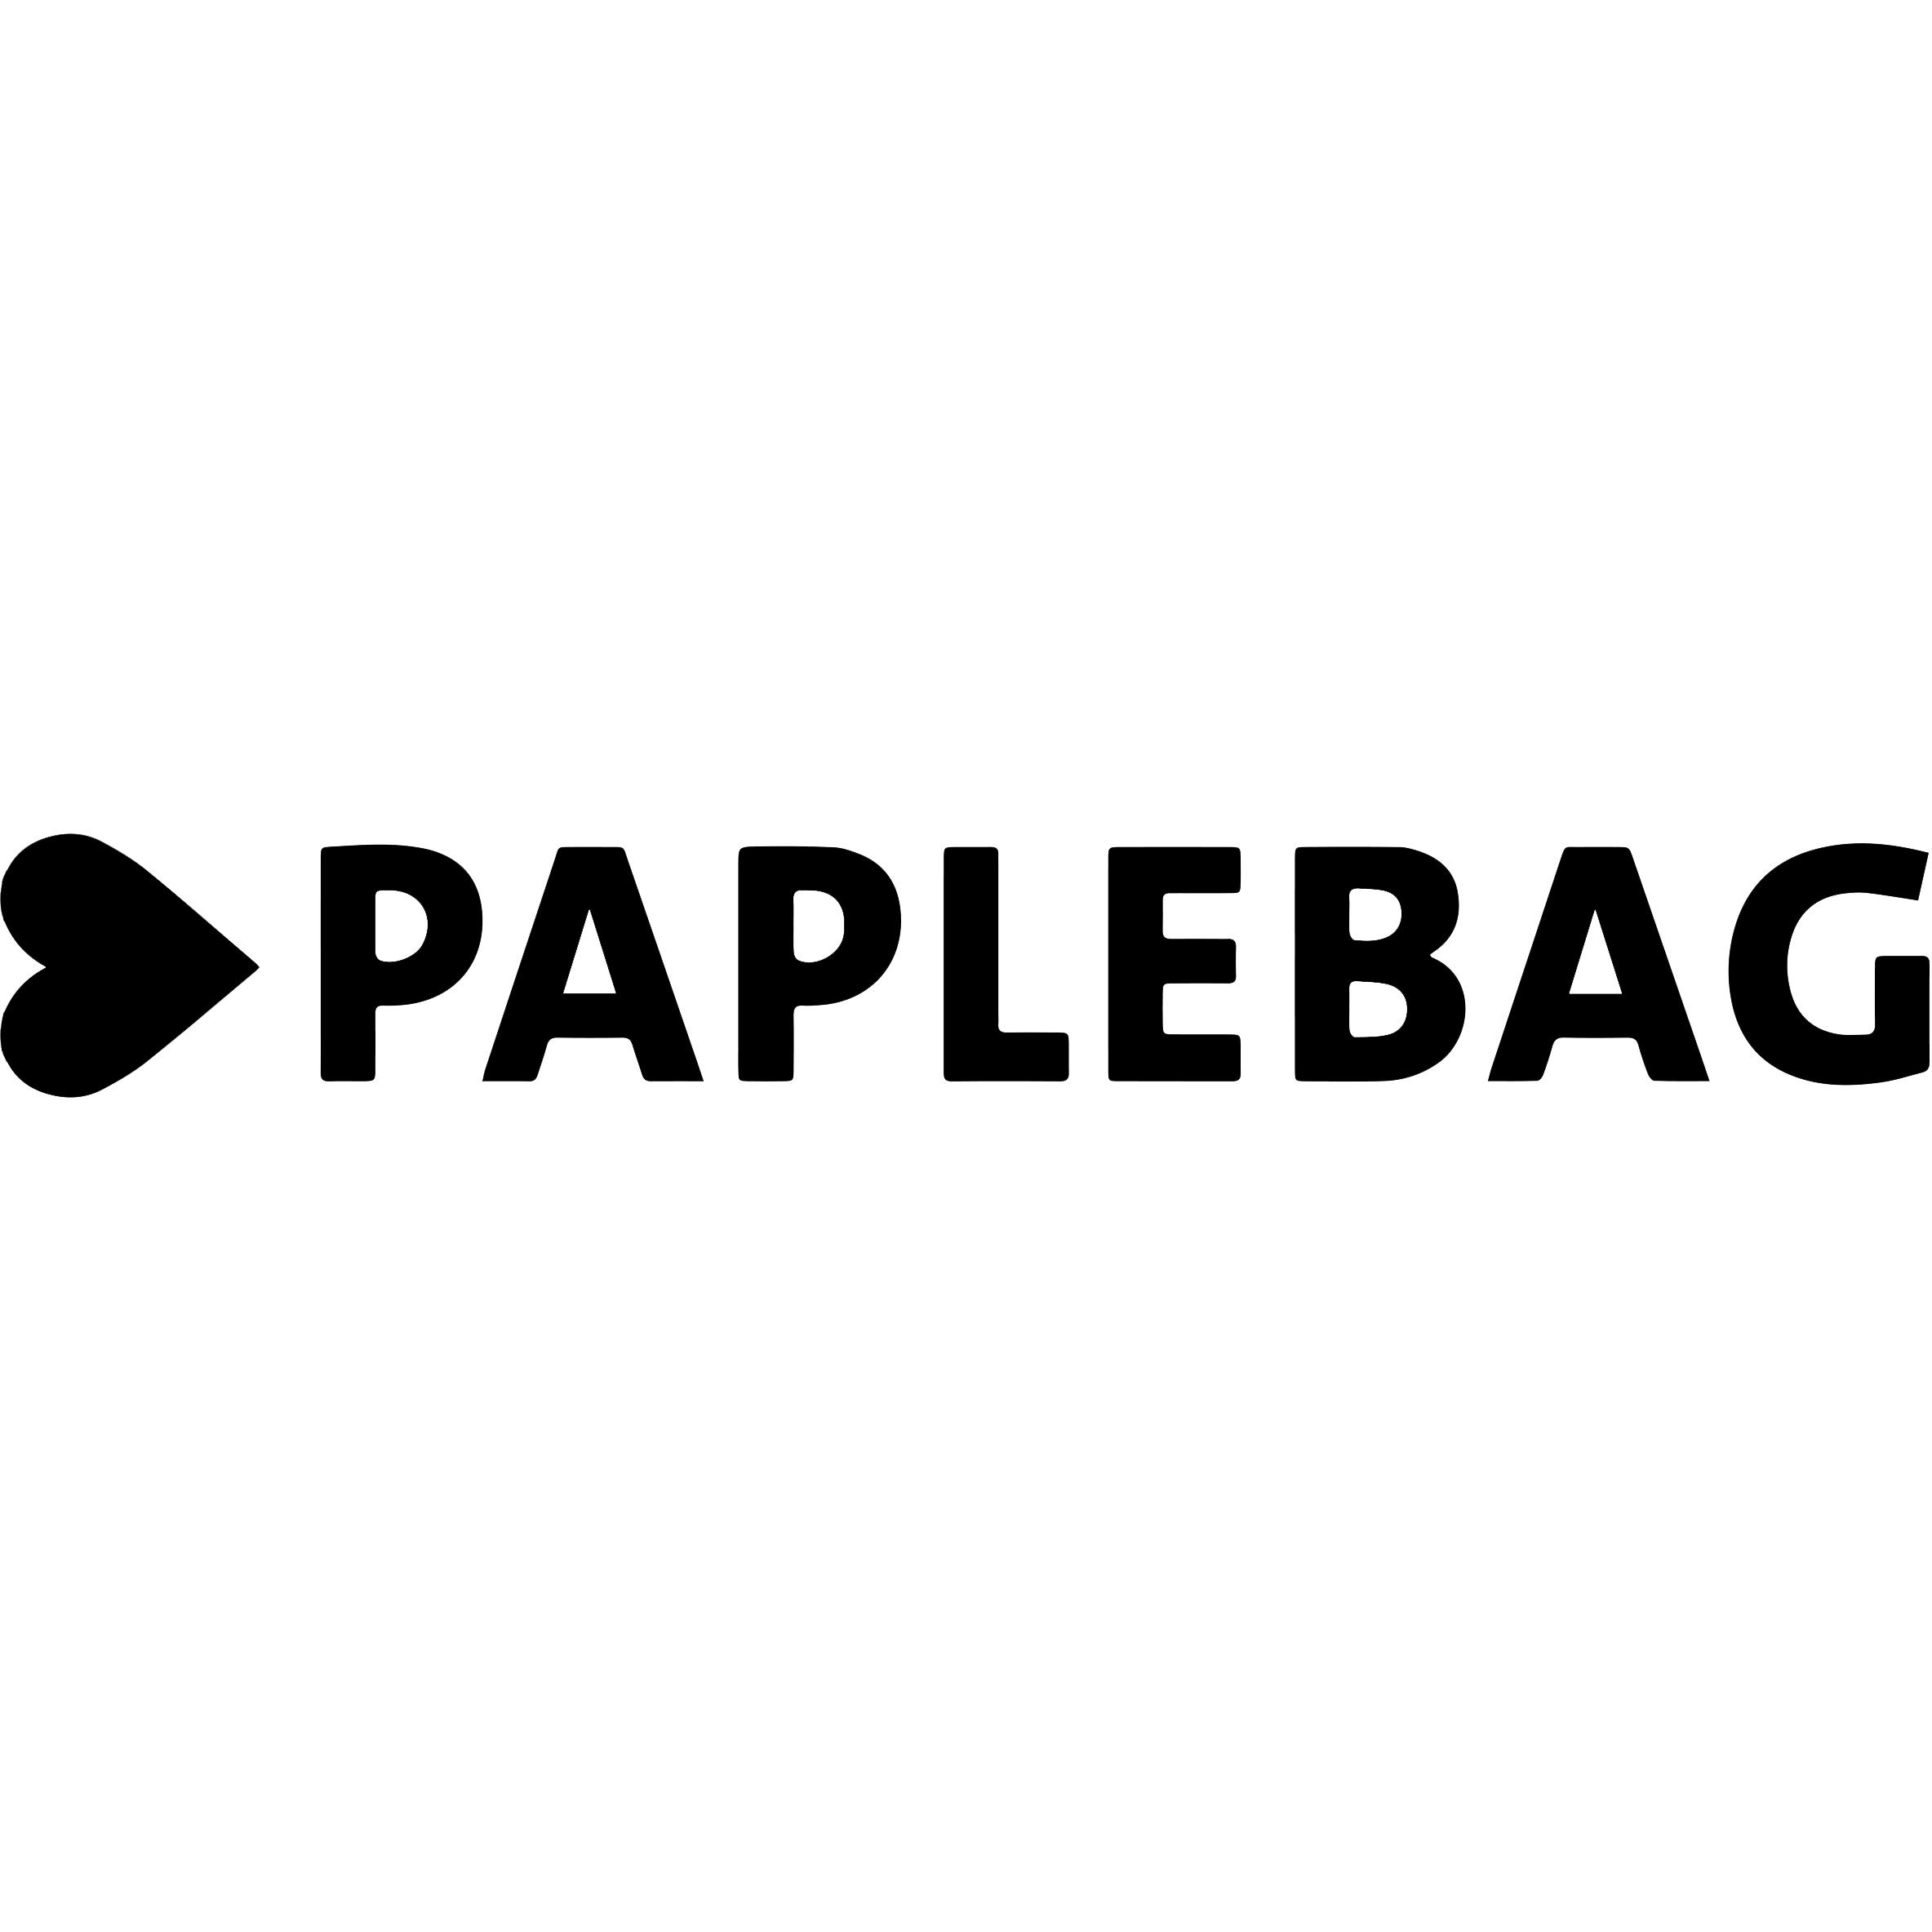 PAPLEBAG